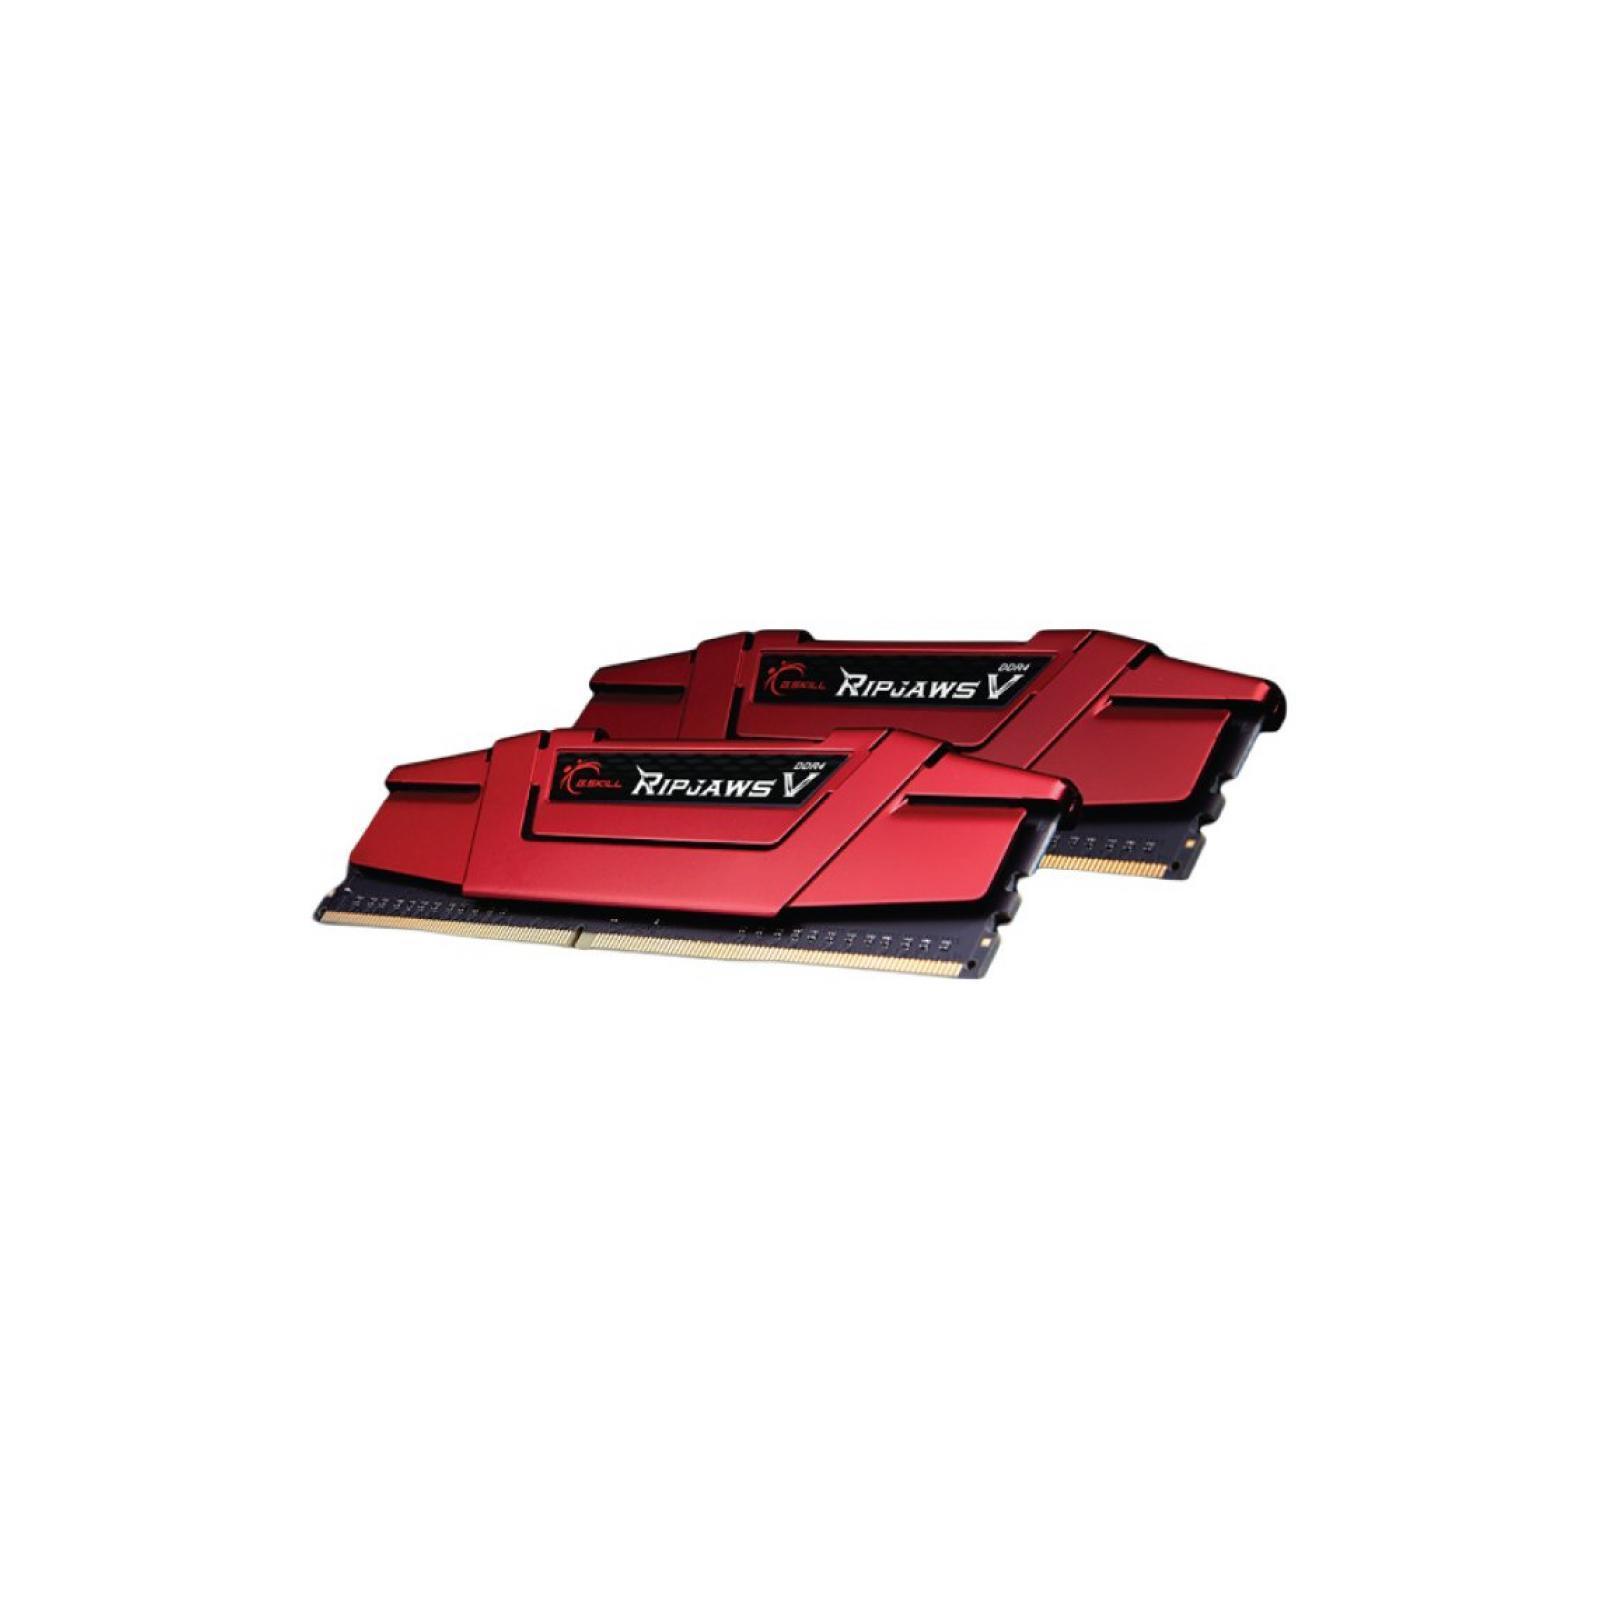 Модуль памяти для компьютера DDR4 8GB (2x4GB) 2666 MHz RIPJAWS V RED G.Skill (F4-2666C15D-8GVR) изображение 3